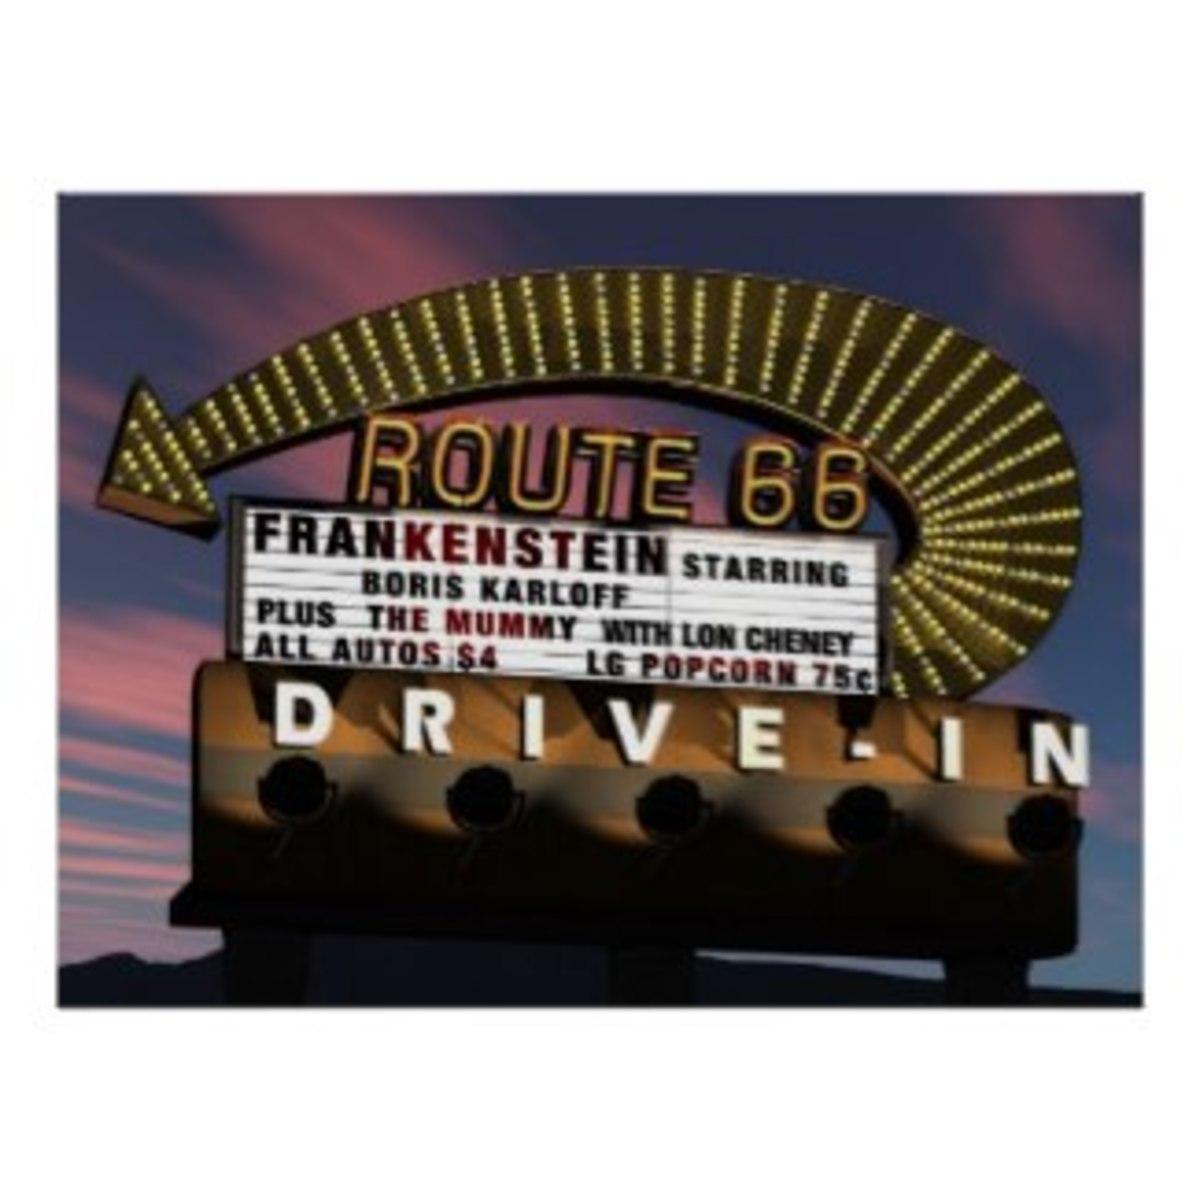 drivein-movies